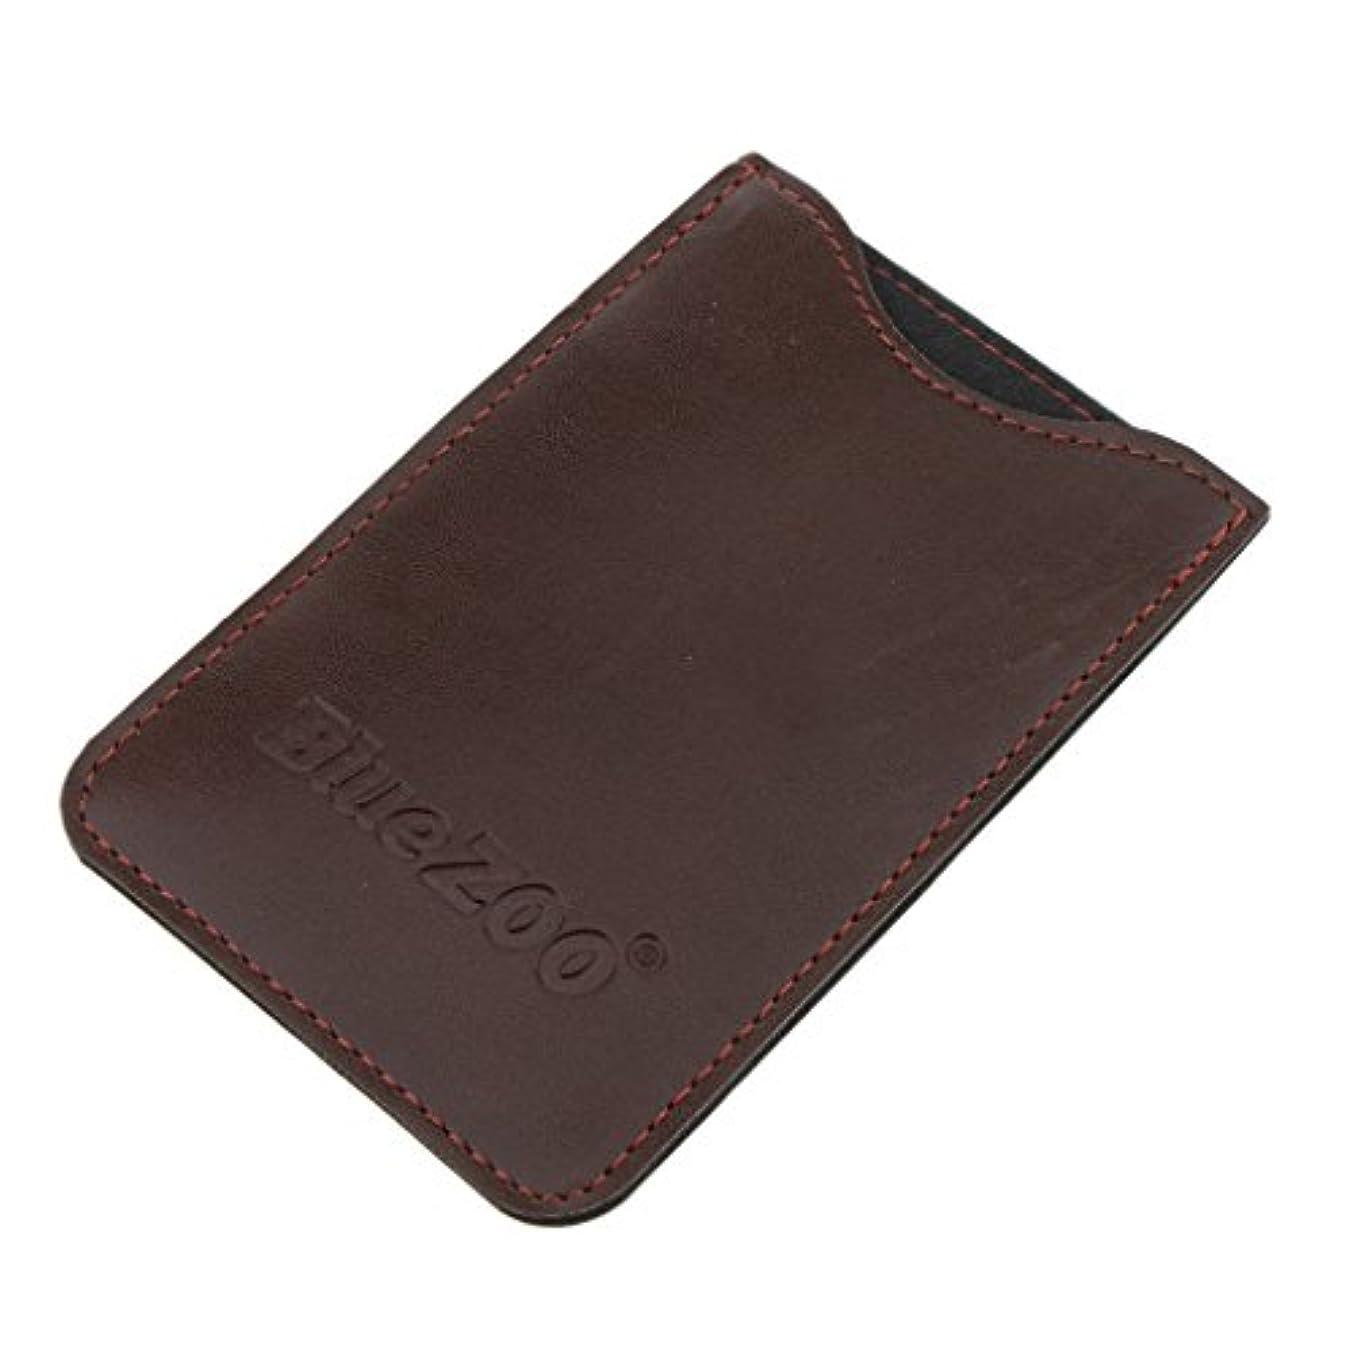 レタッチ打ち上げる豊富なコンビバッグ PUレザー 櫛バッグ ポケット オーガナイザー 収納ケース 保護カバー パック 全2色 - 褐色